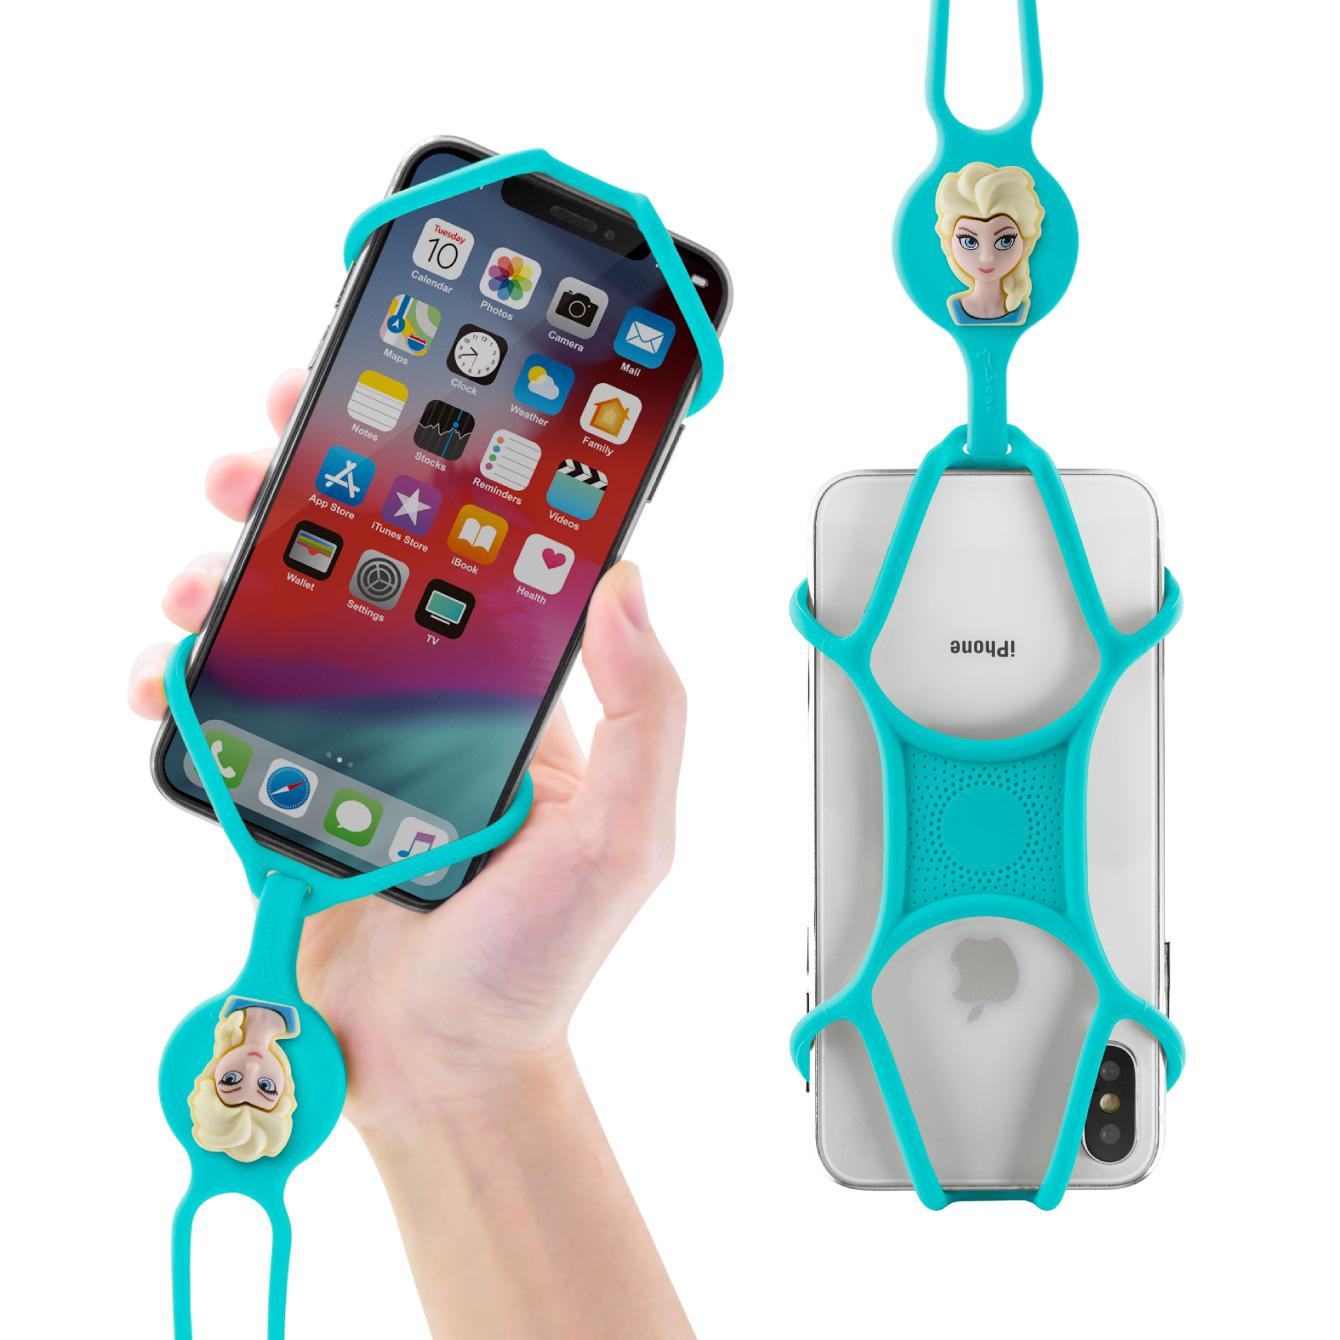 【BONE】頸掛手機綁 -冰雪奇緣